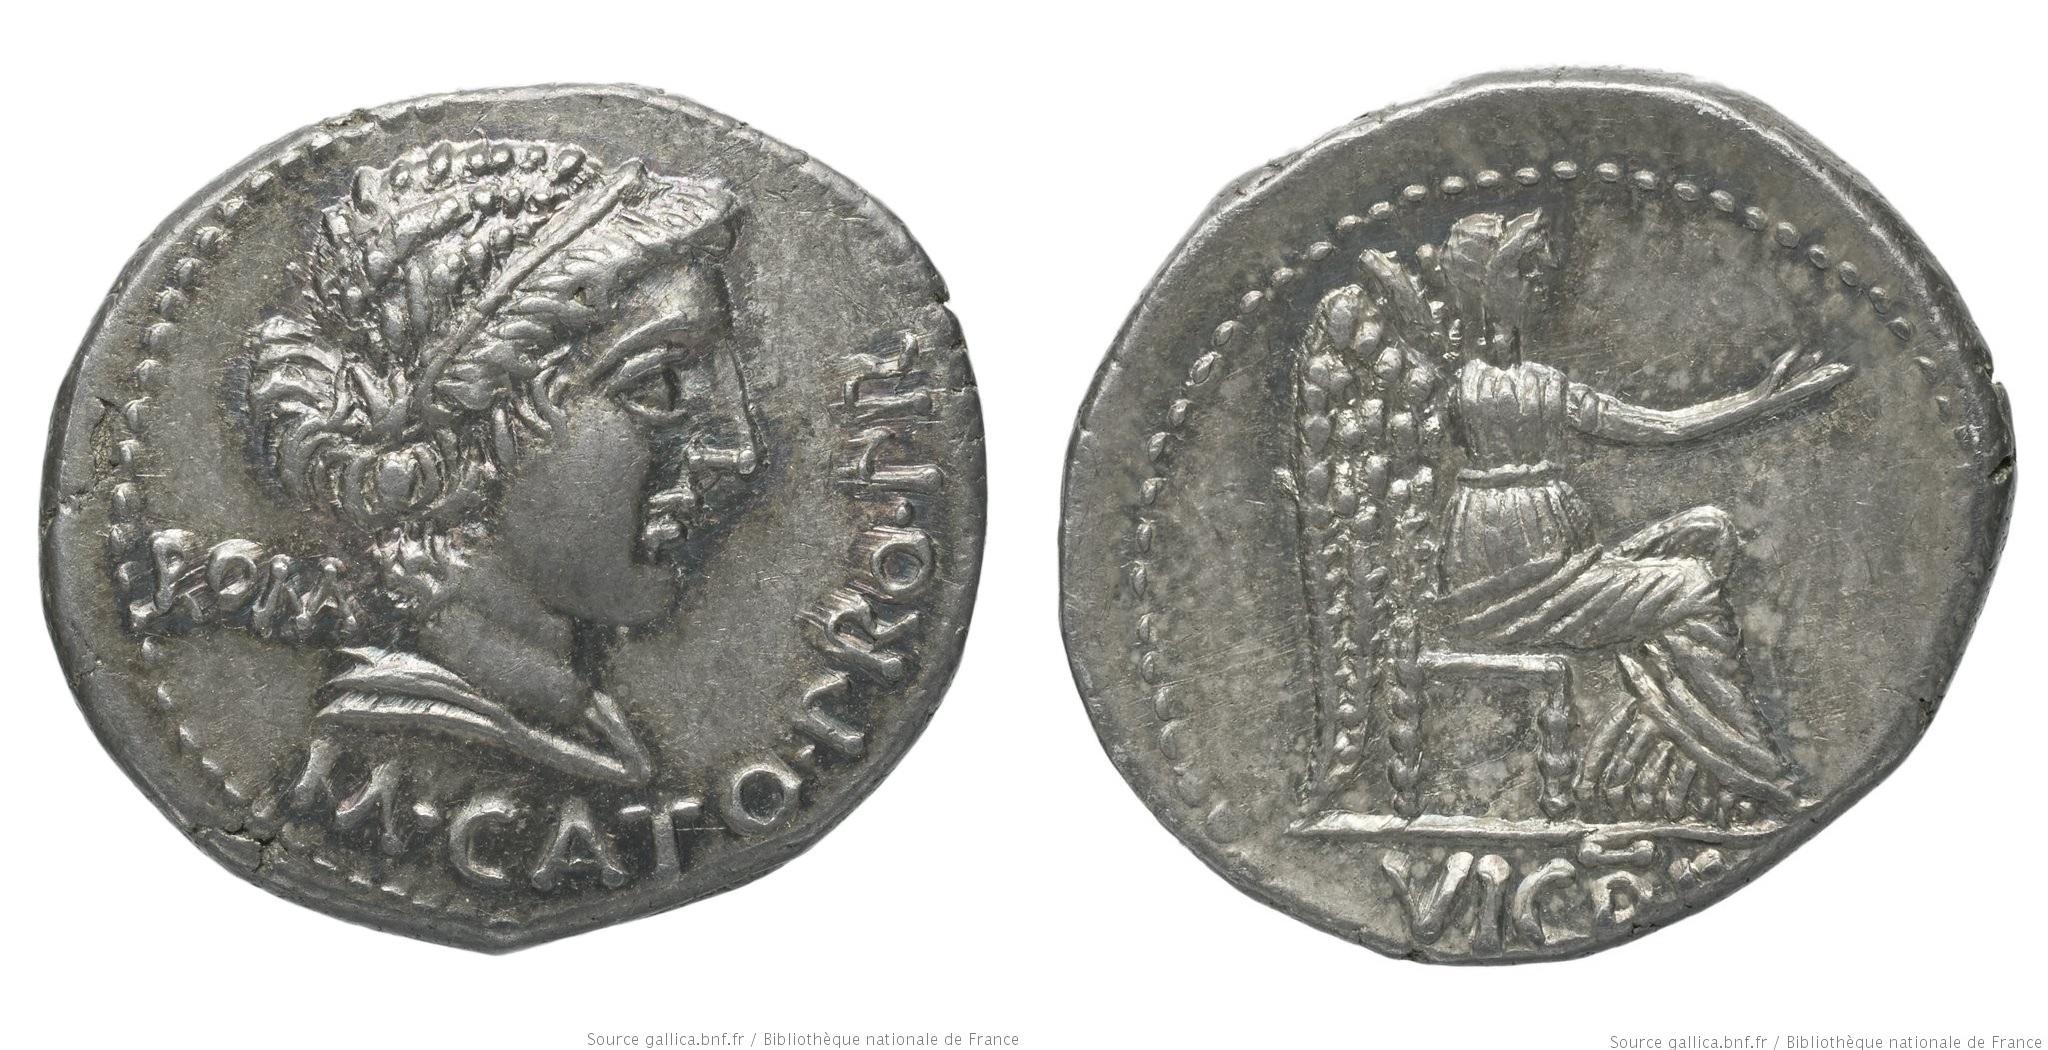 1468PO – Denier Porcia – Marcus Porcius Cato Uticensis